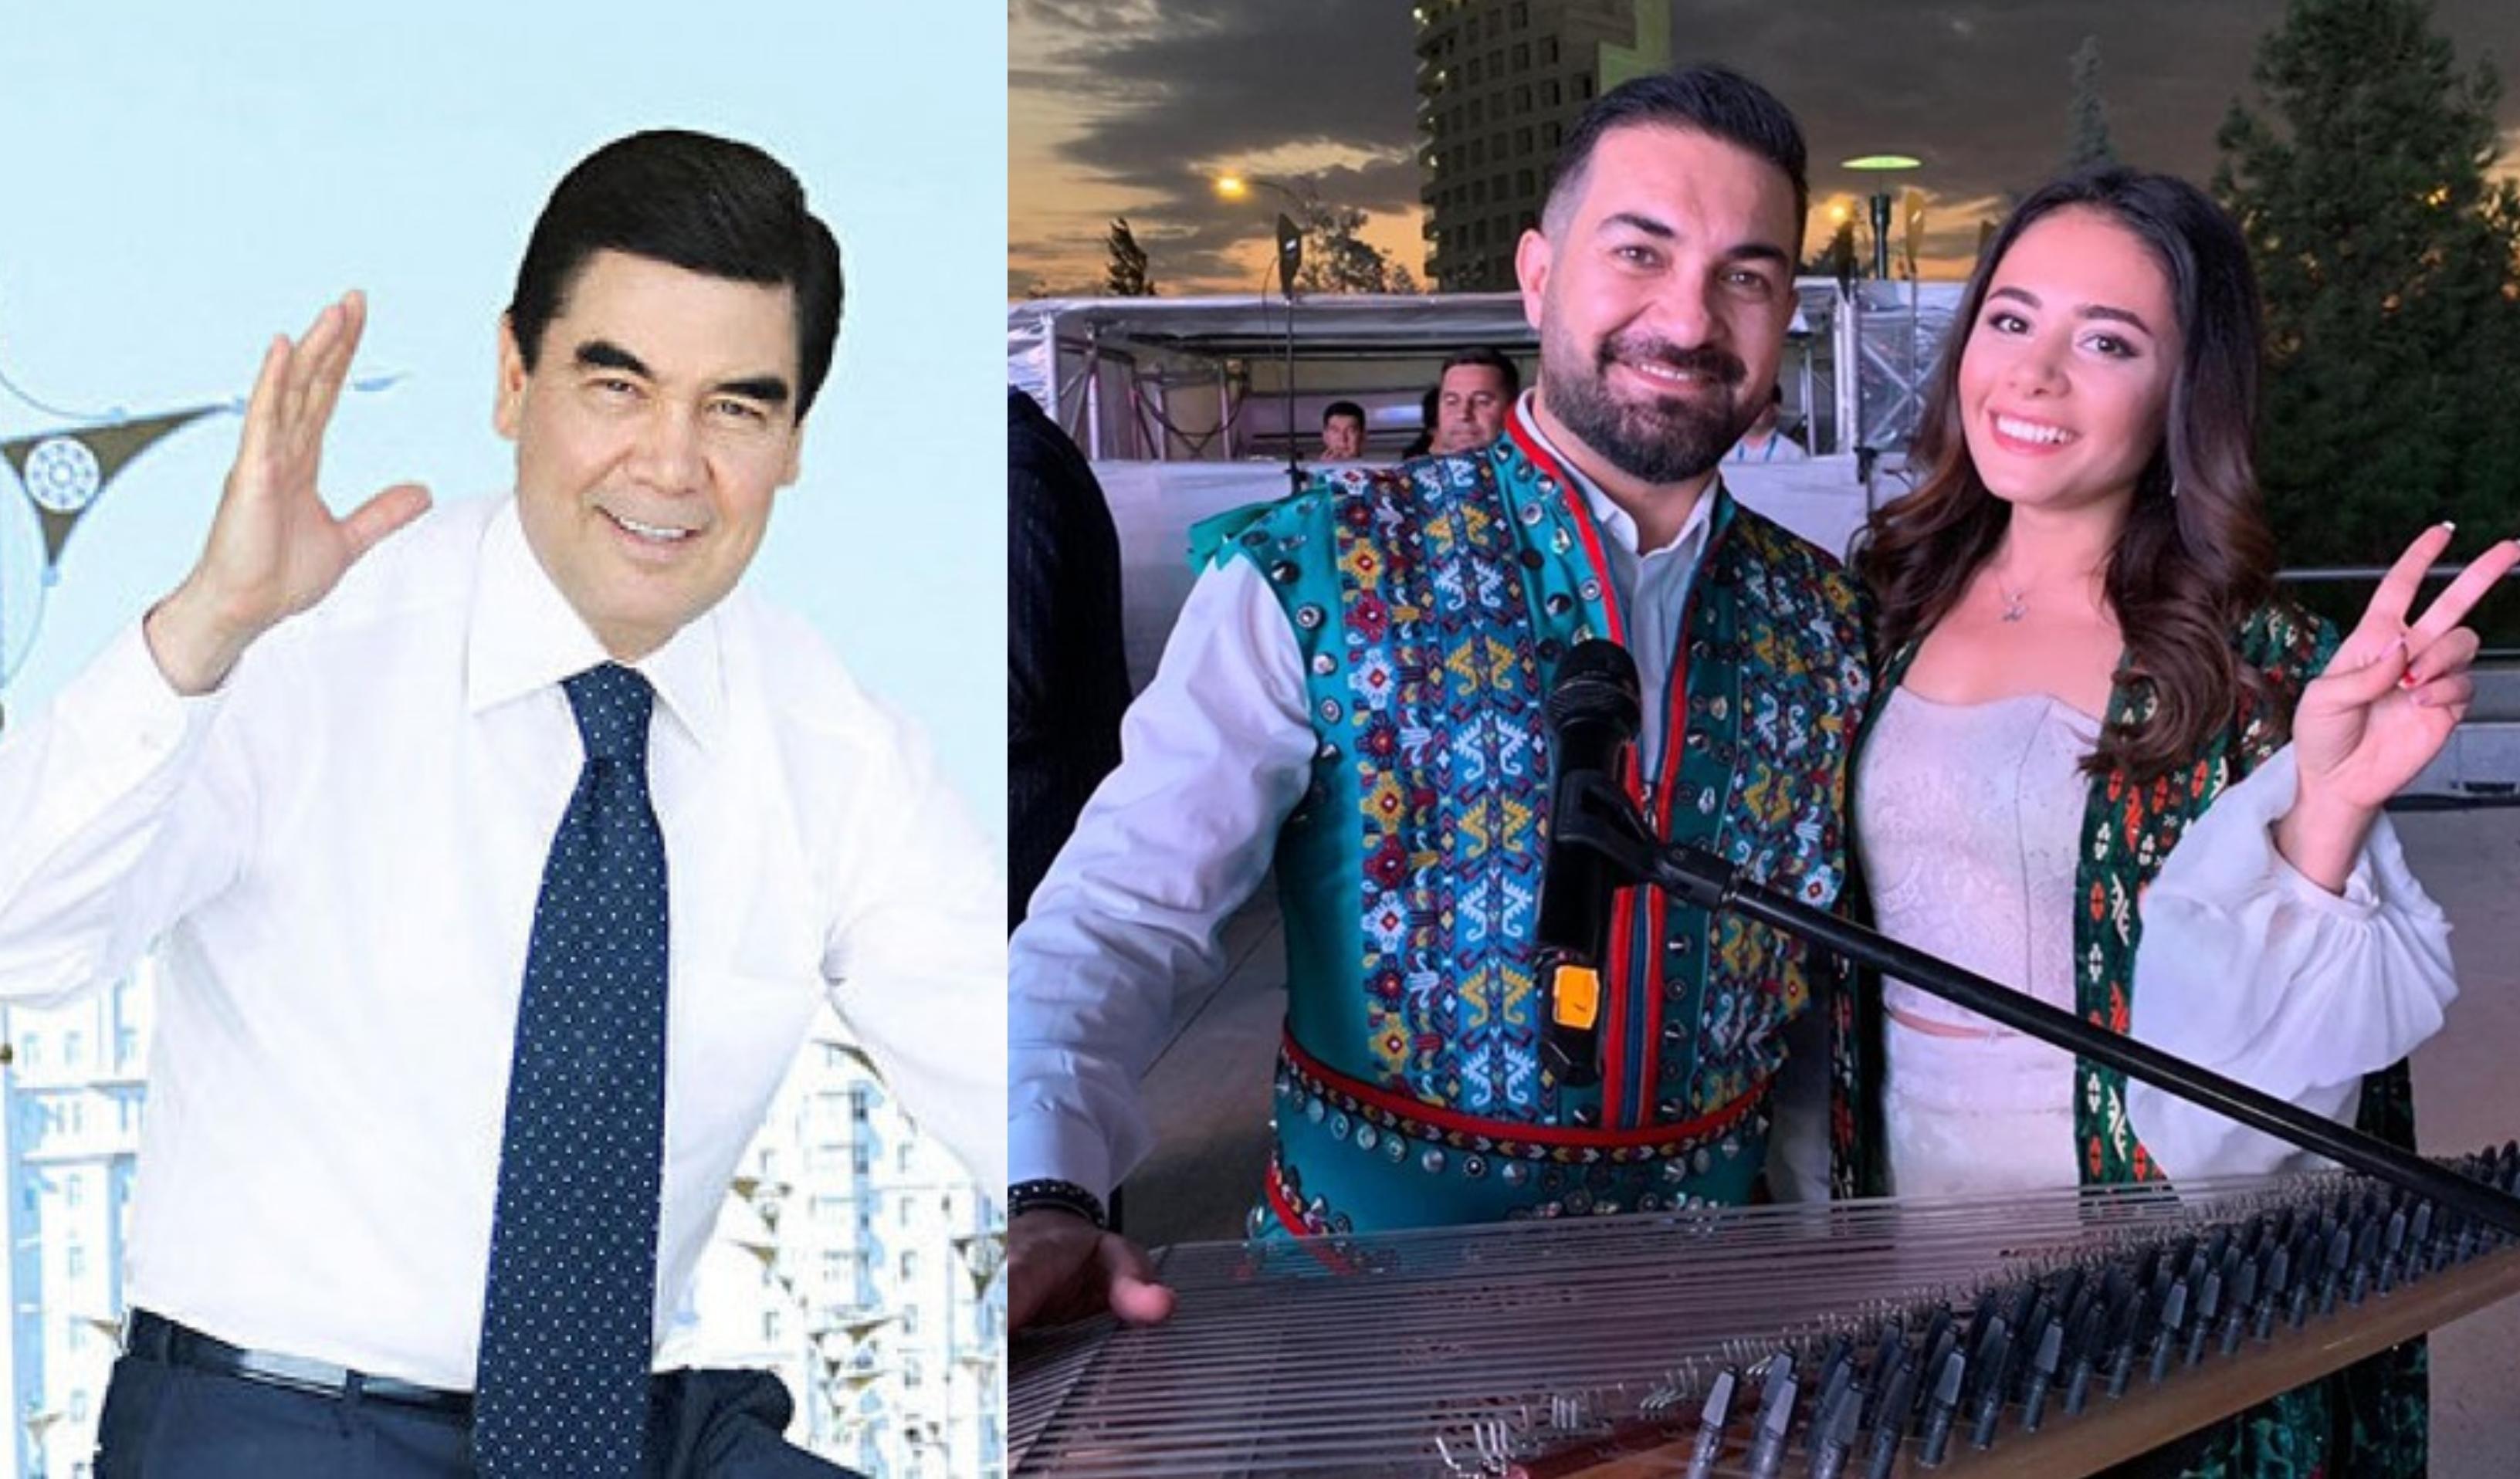 Türkmənistan prezidenti azərbaycanlı müğənnilərə hədiyyə verib